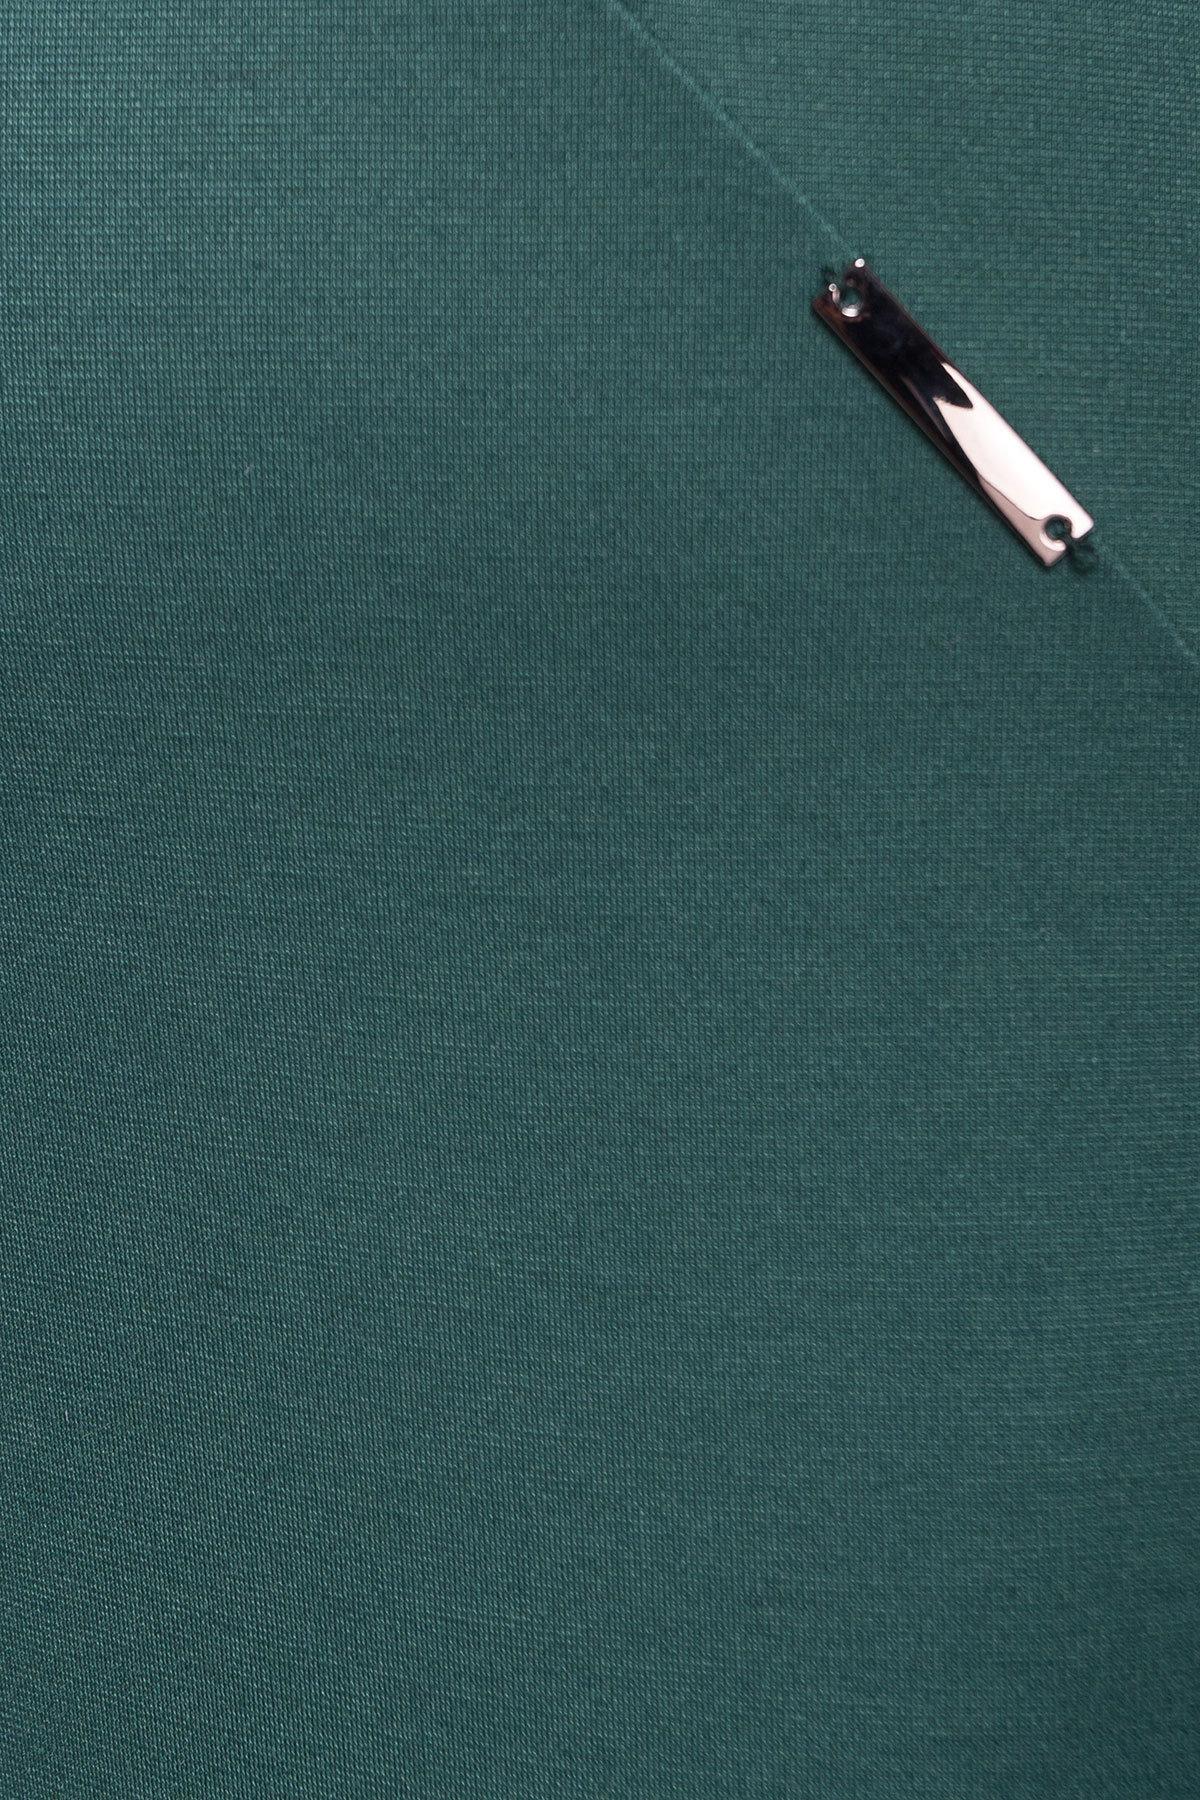 Платье Уна 503 АРТ. 7037 Цвет: Зеленый - фото 3, интернет магазин tm-modus.ru